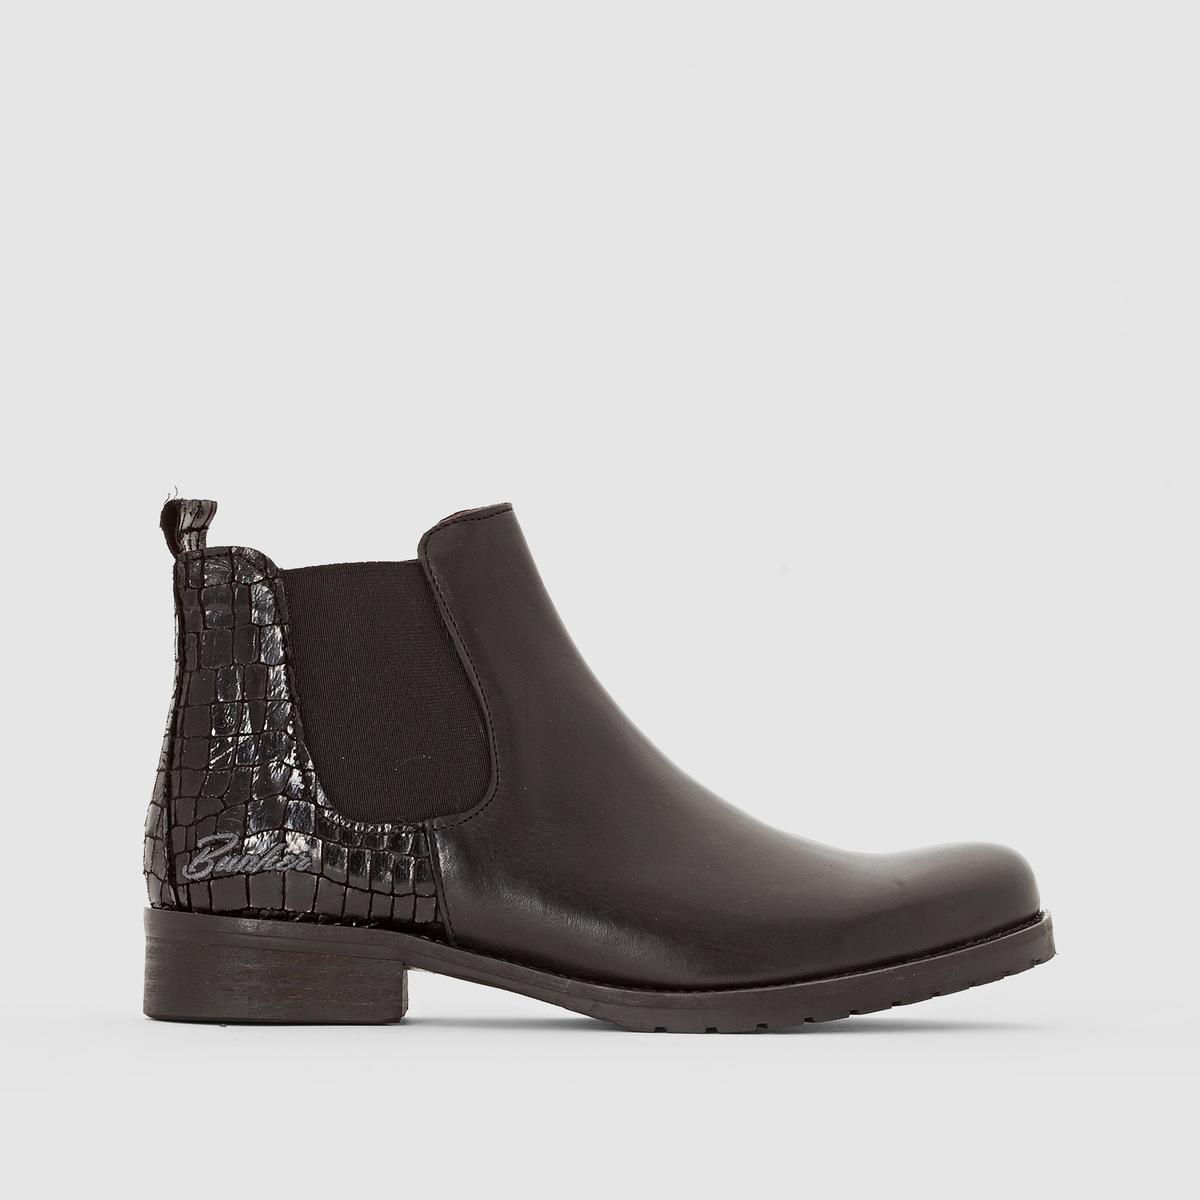 Ботинки, FRESAПодкладка: Кожа.          Стелька: Кожа.Подошва: Каучук.                        Высота каблука: 3 см.Высота голенища: 13 см.  Форма каблука: Широкая.Мысок: Круглый.Застежка: На резинке.<br><br>Цвет: черный<br>Размер: 38